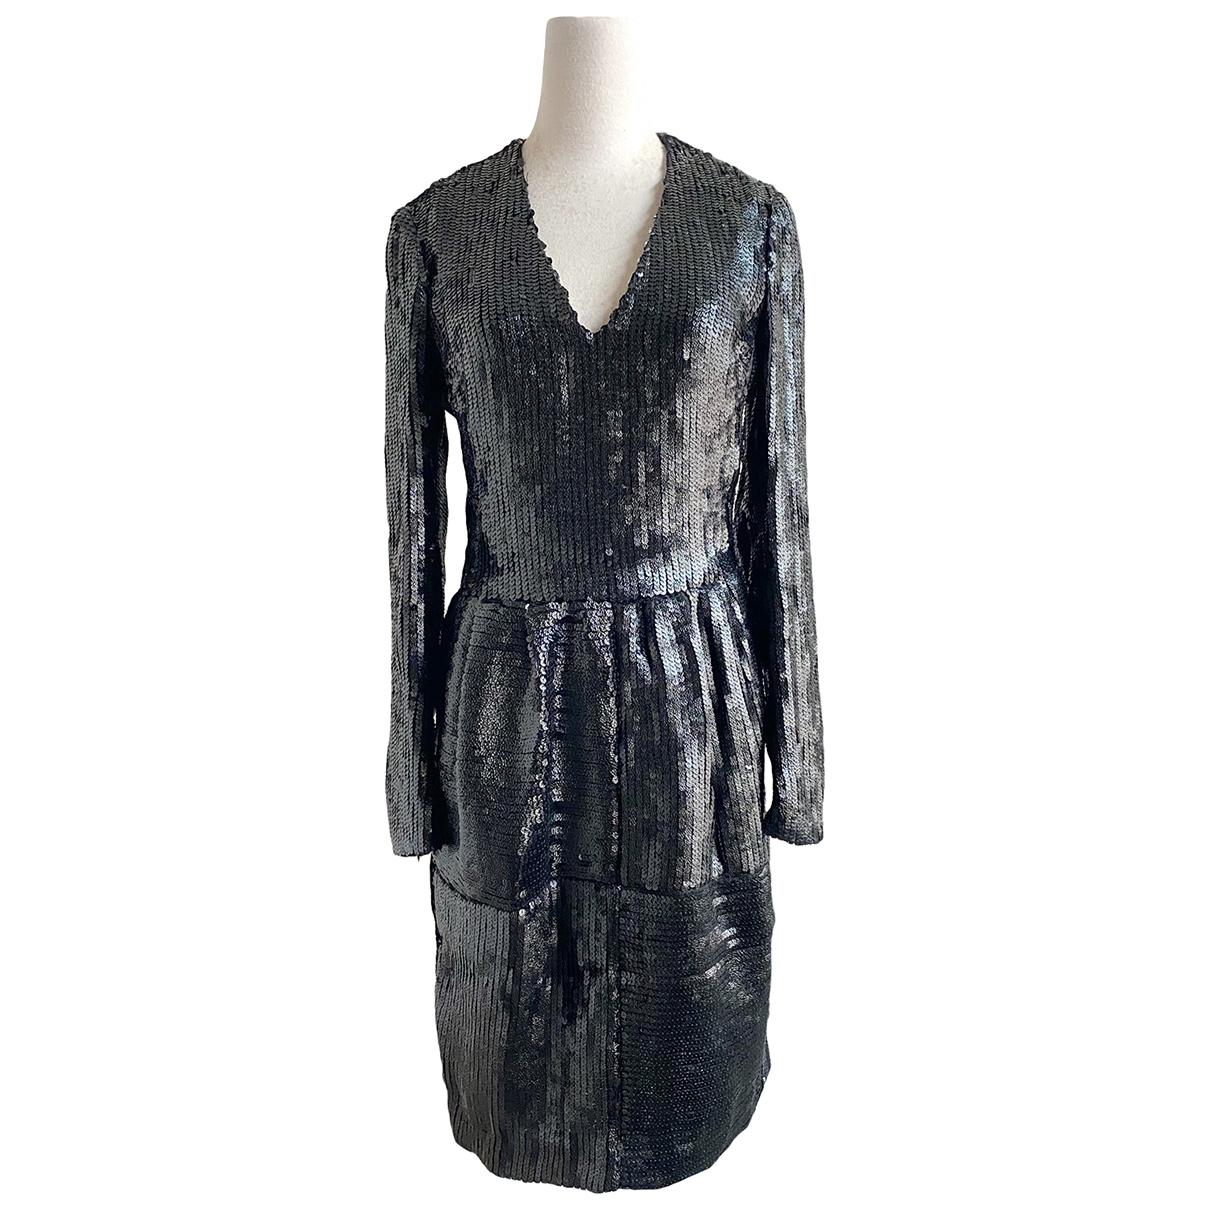 Yves Saint Laurent \N Kleid in  Schwarz Mit Pailletten